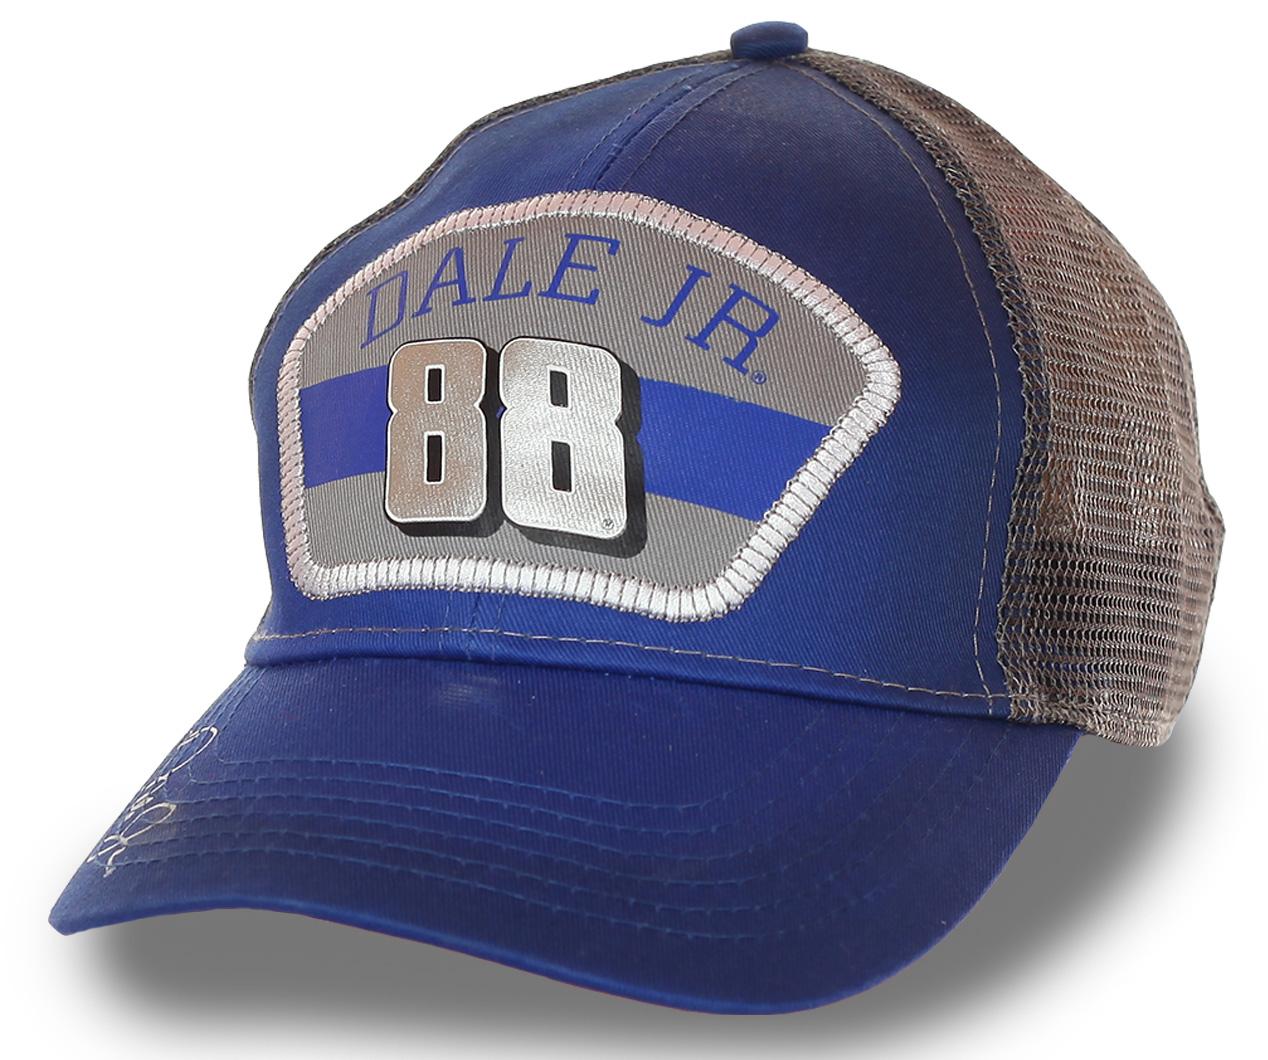 Крутая бейсболка автогонщика, двукратного чемпиона NASCAR и победителя Daytona 500  – Дейла Эрнхардта. Модель с вышитым автографом для неравнодушных к скорости